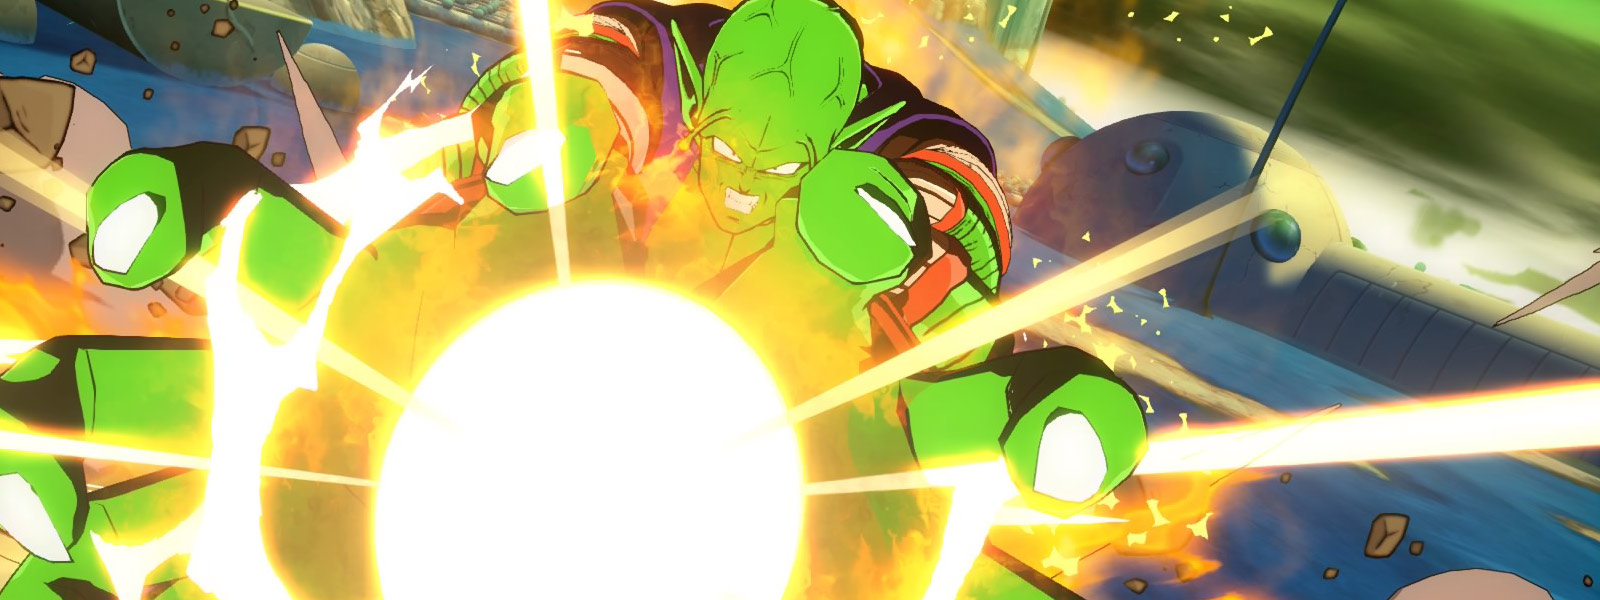 Ο Piccolo ρίχνει μια πύρινη σφαίρα με τα δυο του χέρια